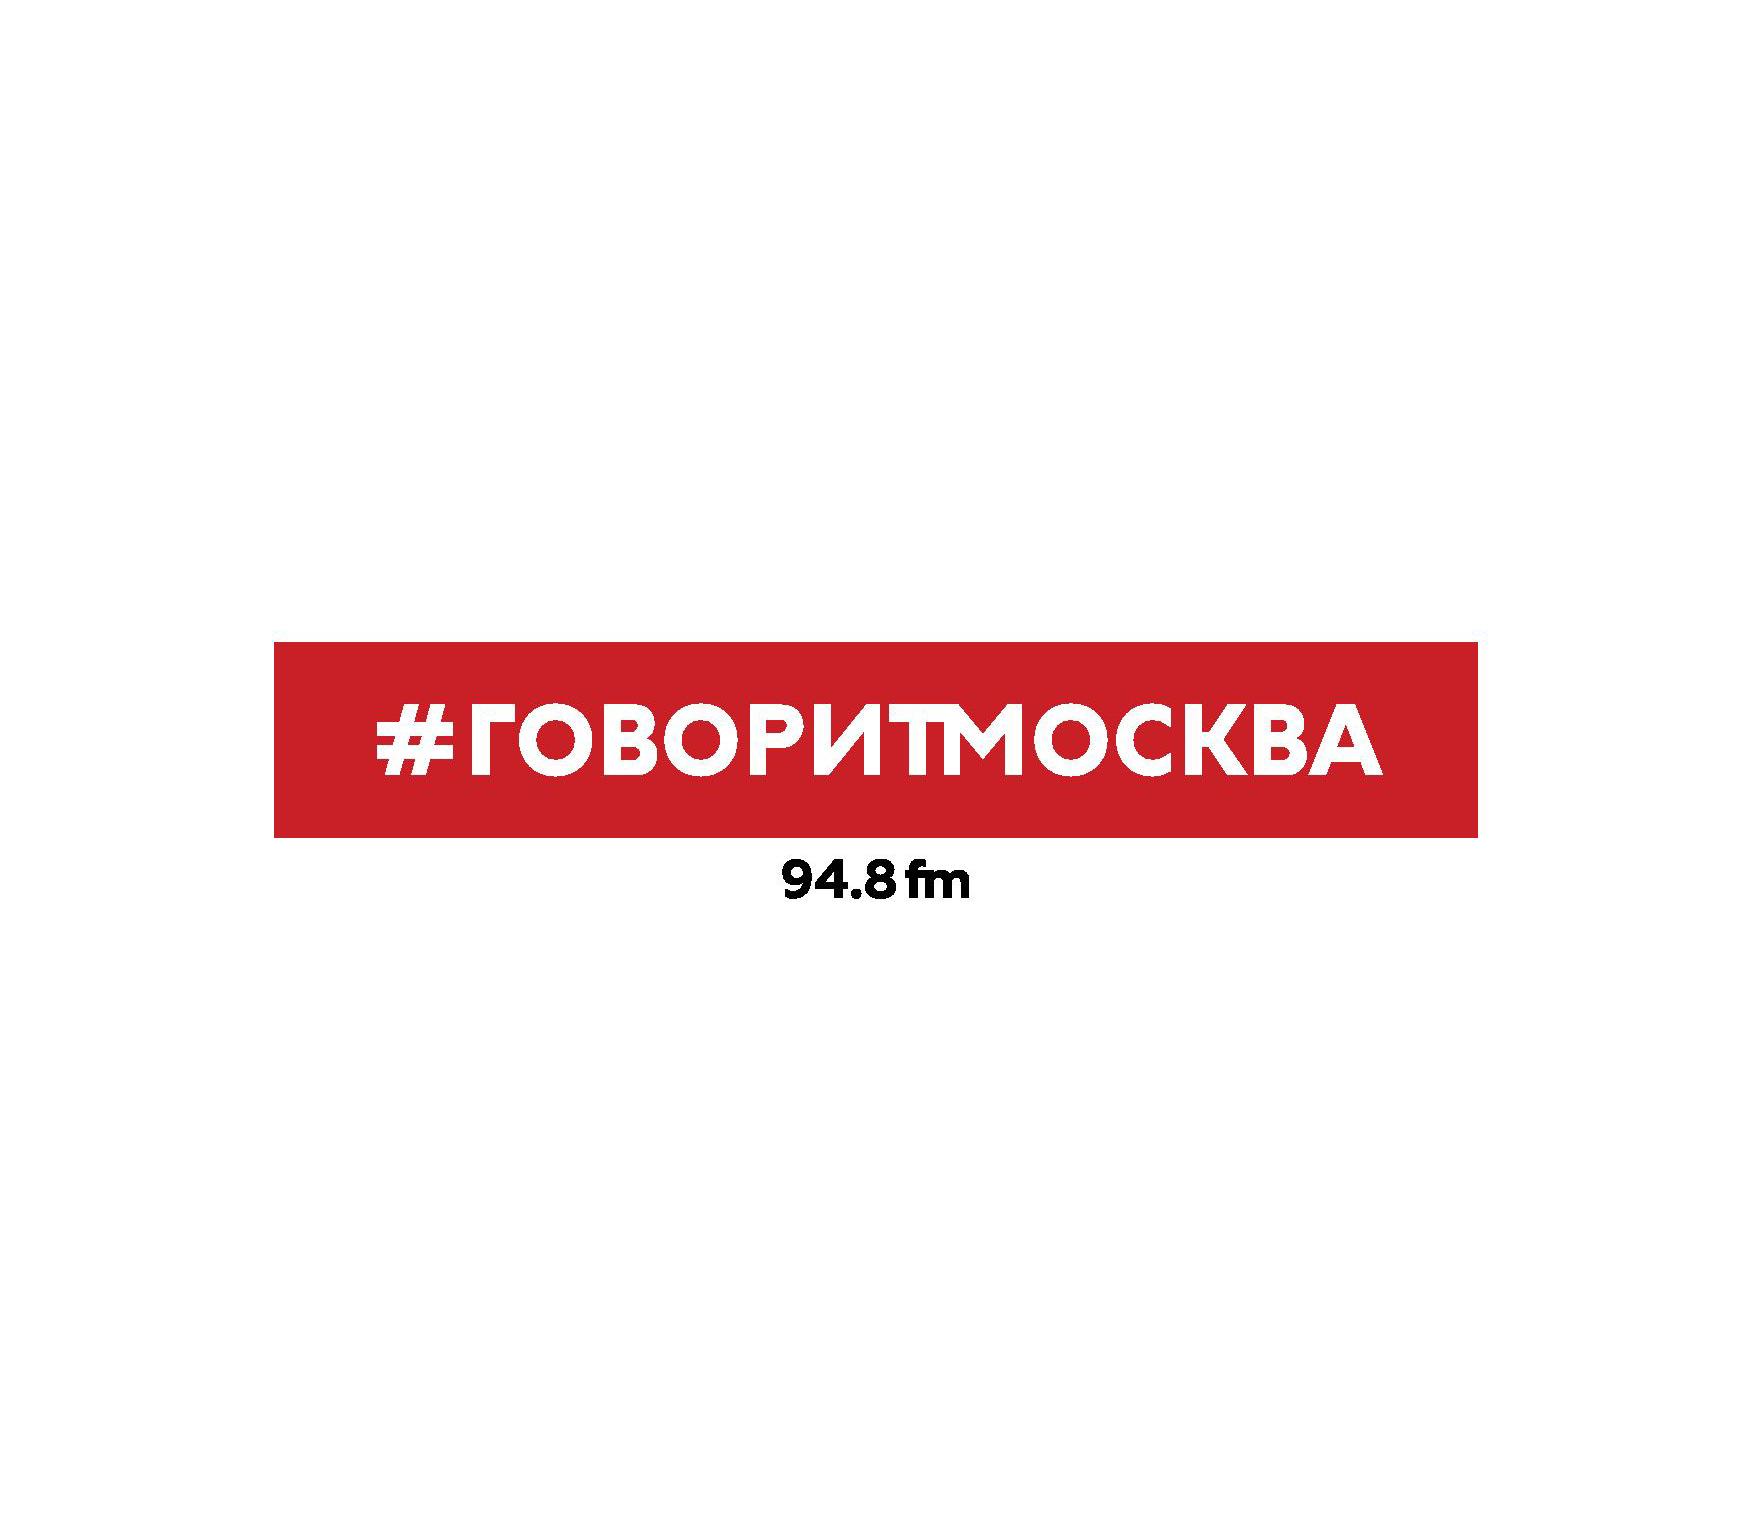 Сергей Береговой Отречение Николая II от престола сергей береговой украина от переяславской рады до современности